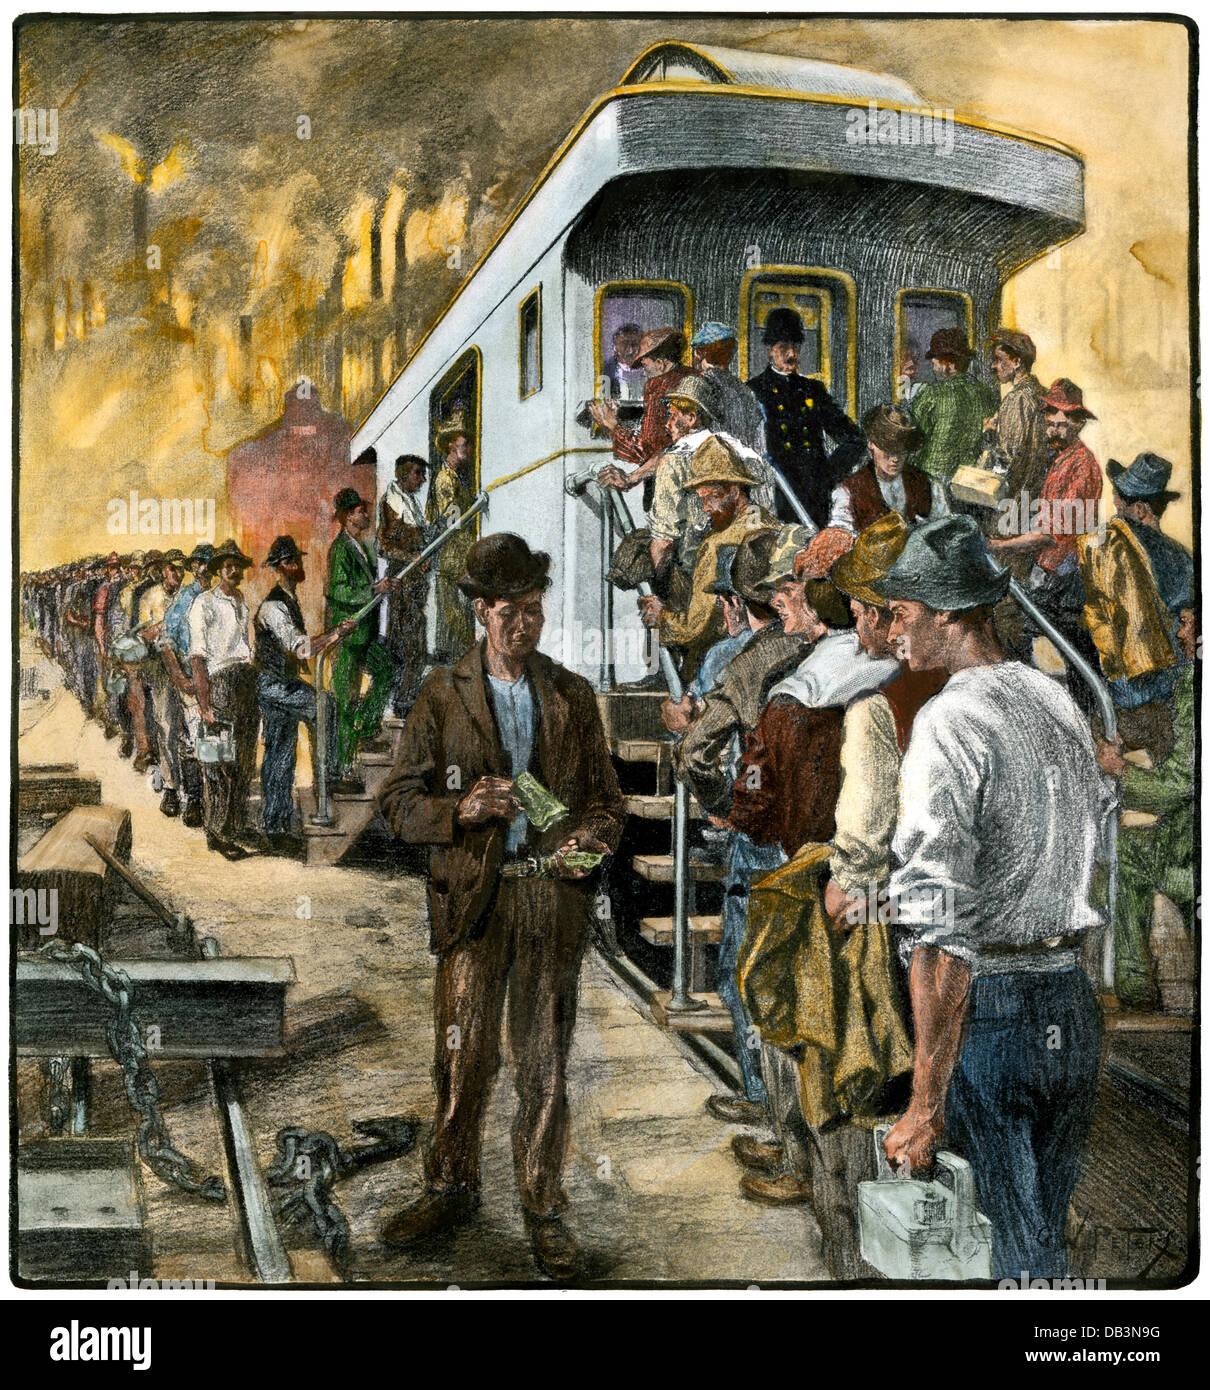 US Stahl Arbeitnehmer ausgerichtet werden, um an der Pay-Auto im Homestead Werke, 1901. Handcolorierte halftone Stockbild